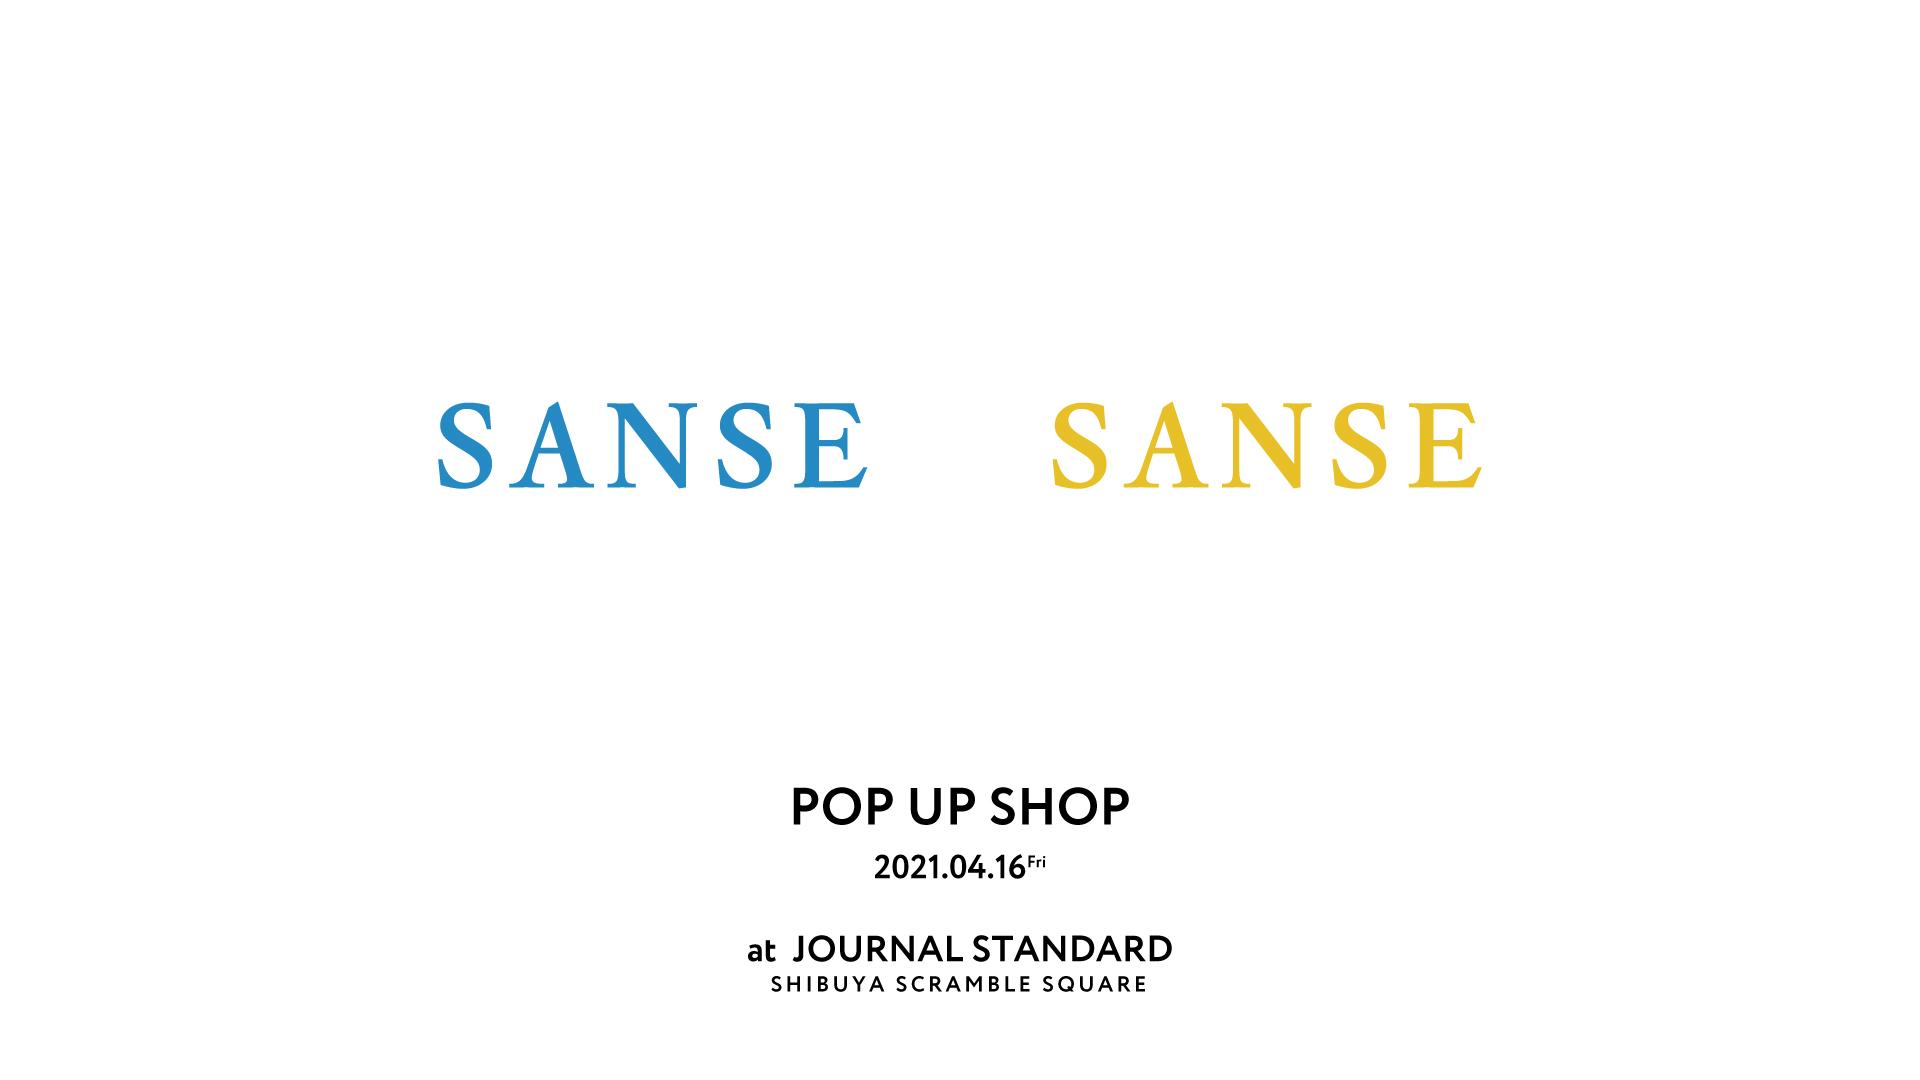 スタイリスト梶雄太氏がディレクションを手掛ける『SANSE SANSE 』がJOURNAL STANDARD渋谷スクランブルスクエア店にて4.16(金)POP UP SHOPを開催!